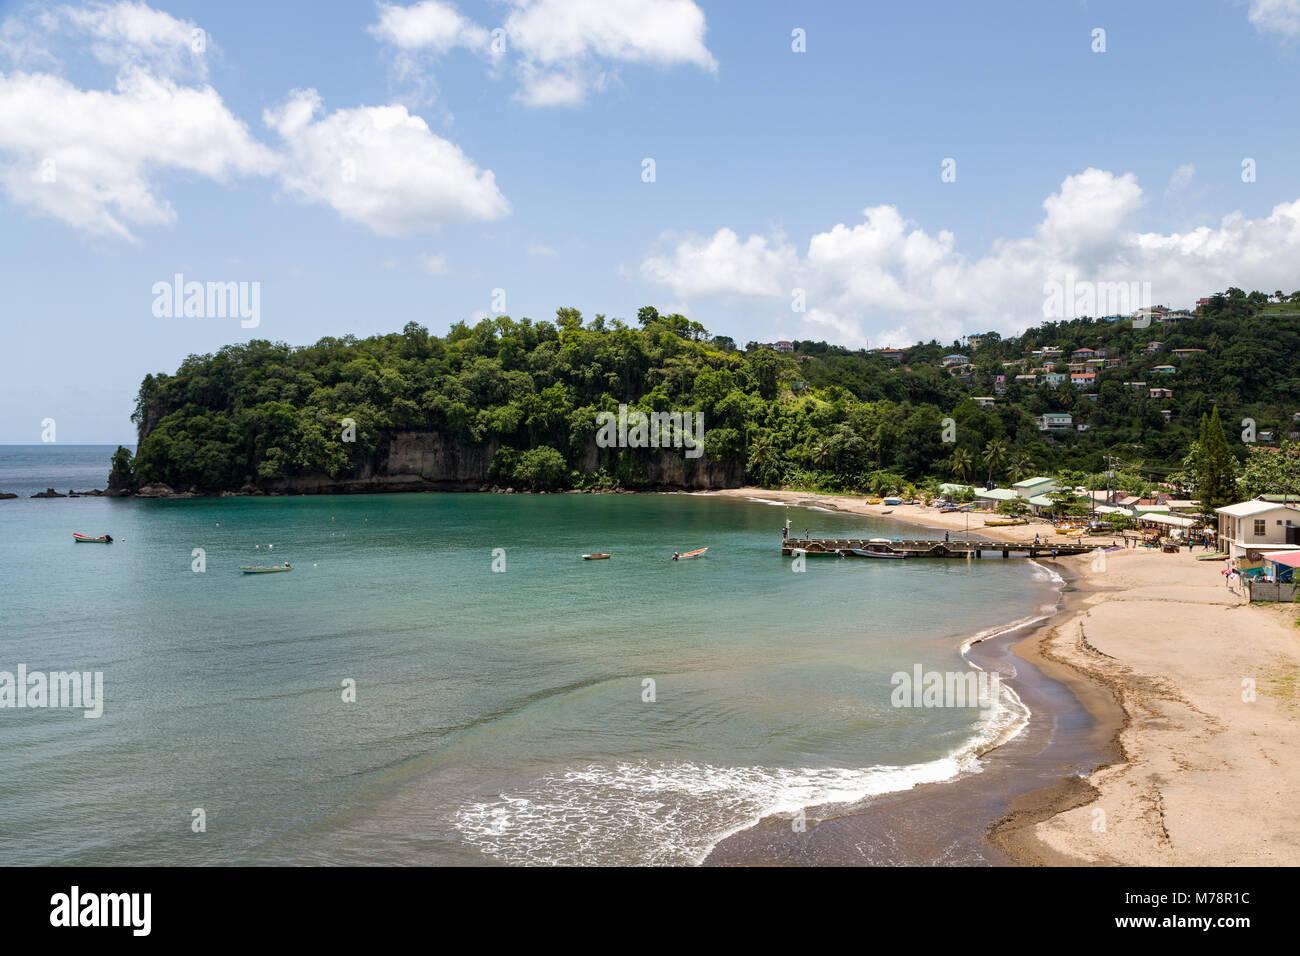 La playa de Anse La Raye, Santa Lucía y las islas de barlovento del Caribe, Las Antillas, América Central Imagen De Stock